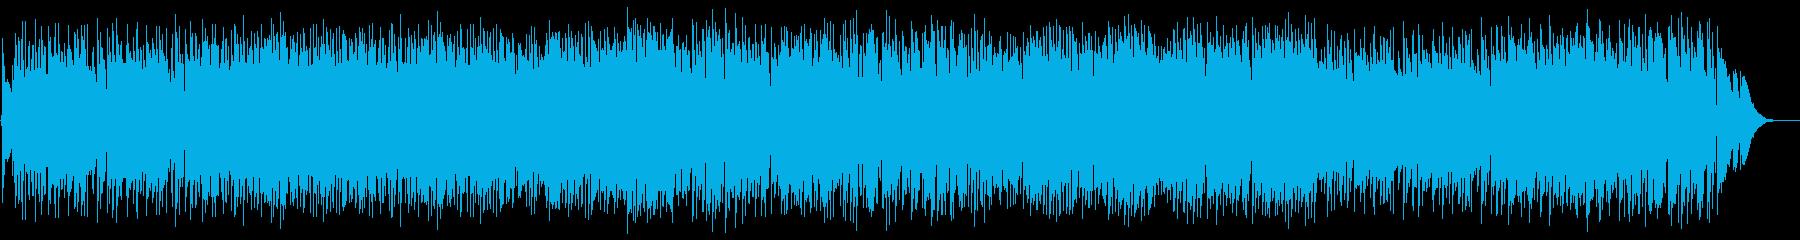 小犬のワルツ(F.ショパン)Jazzの再生済みの波形